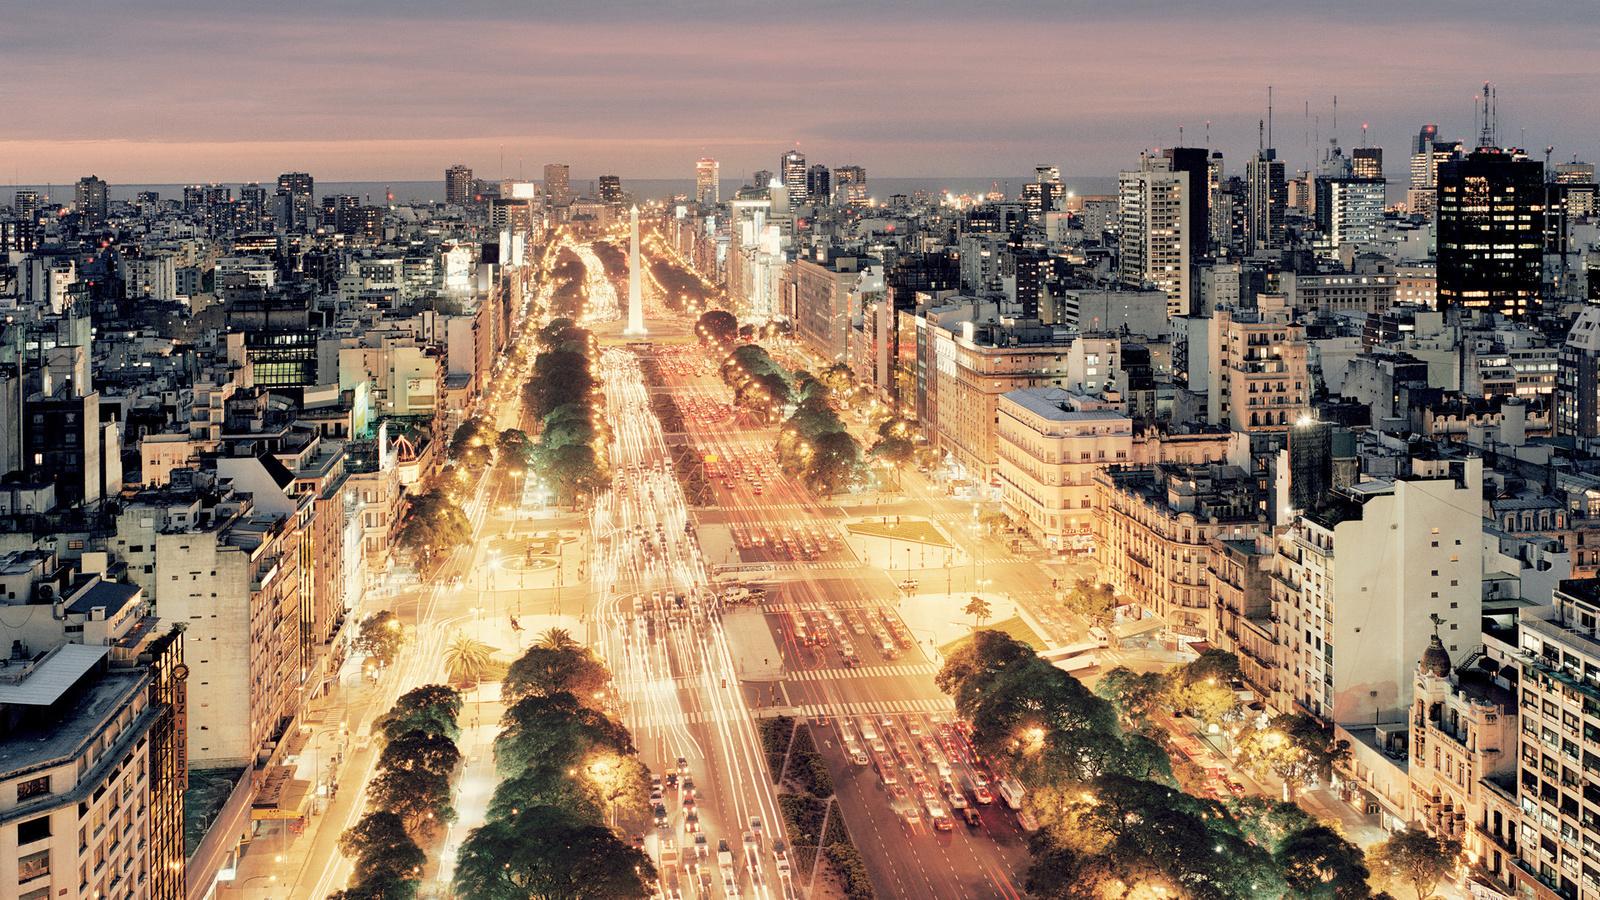 крупный план картинки города разных странах, отмечали